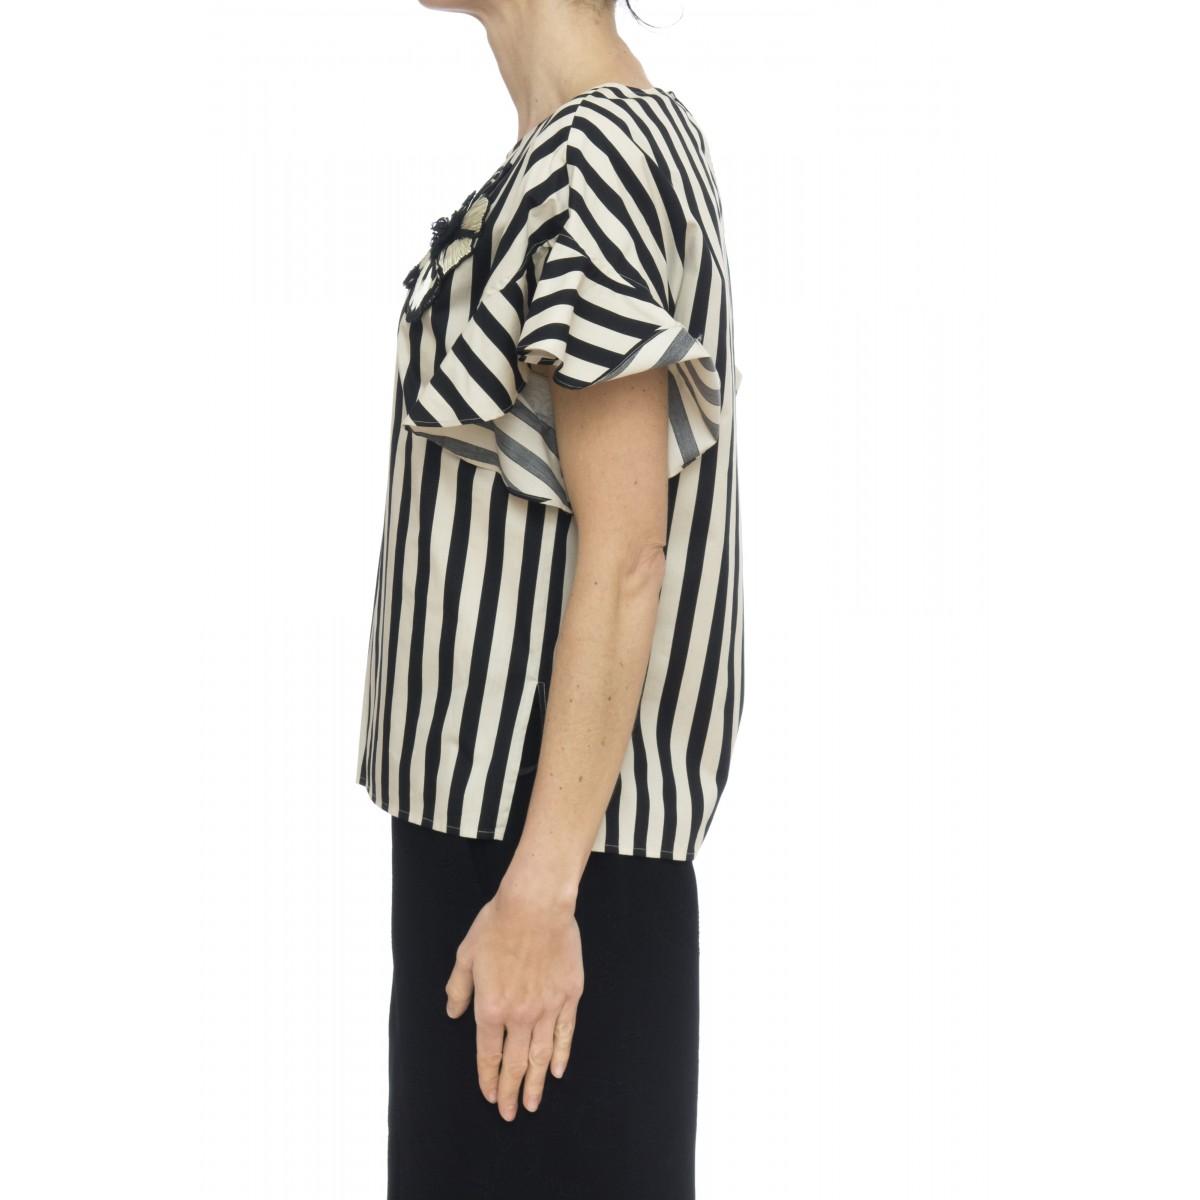 Camicia donna - 2283 camicia rigata con ricamo fiore